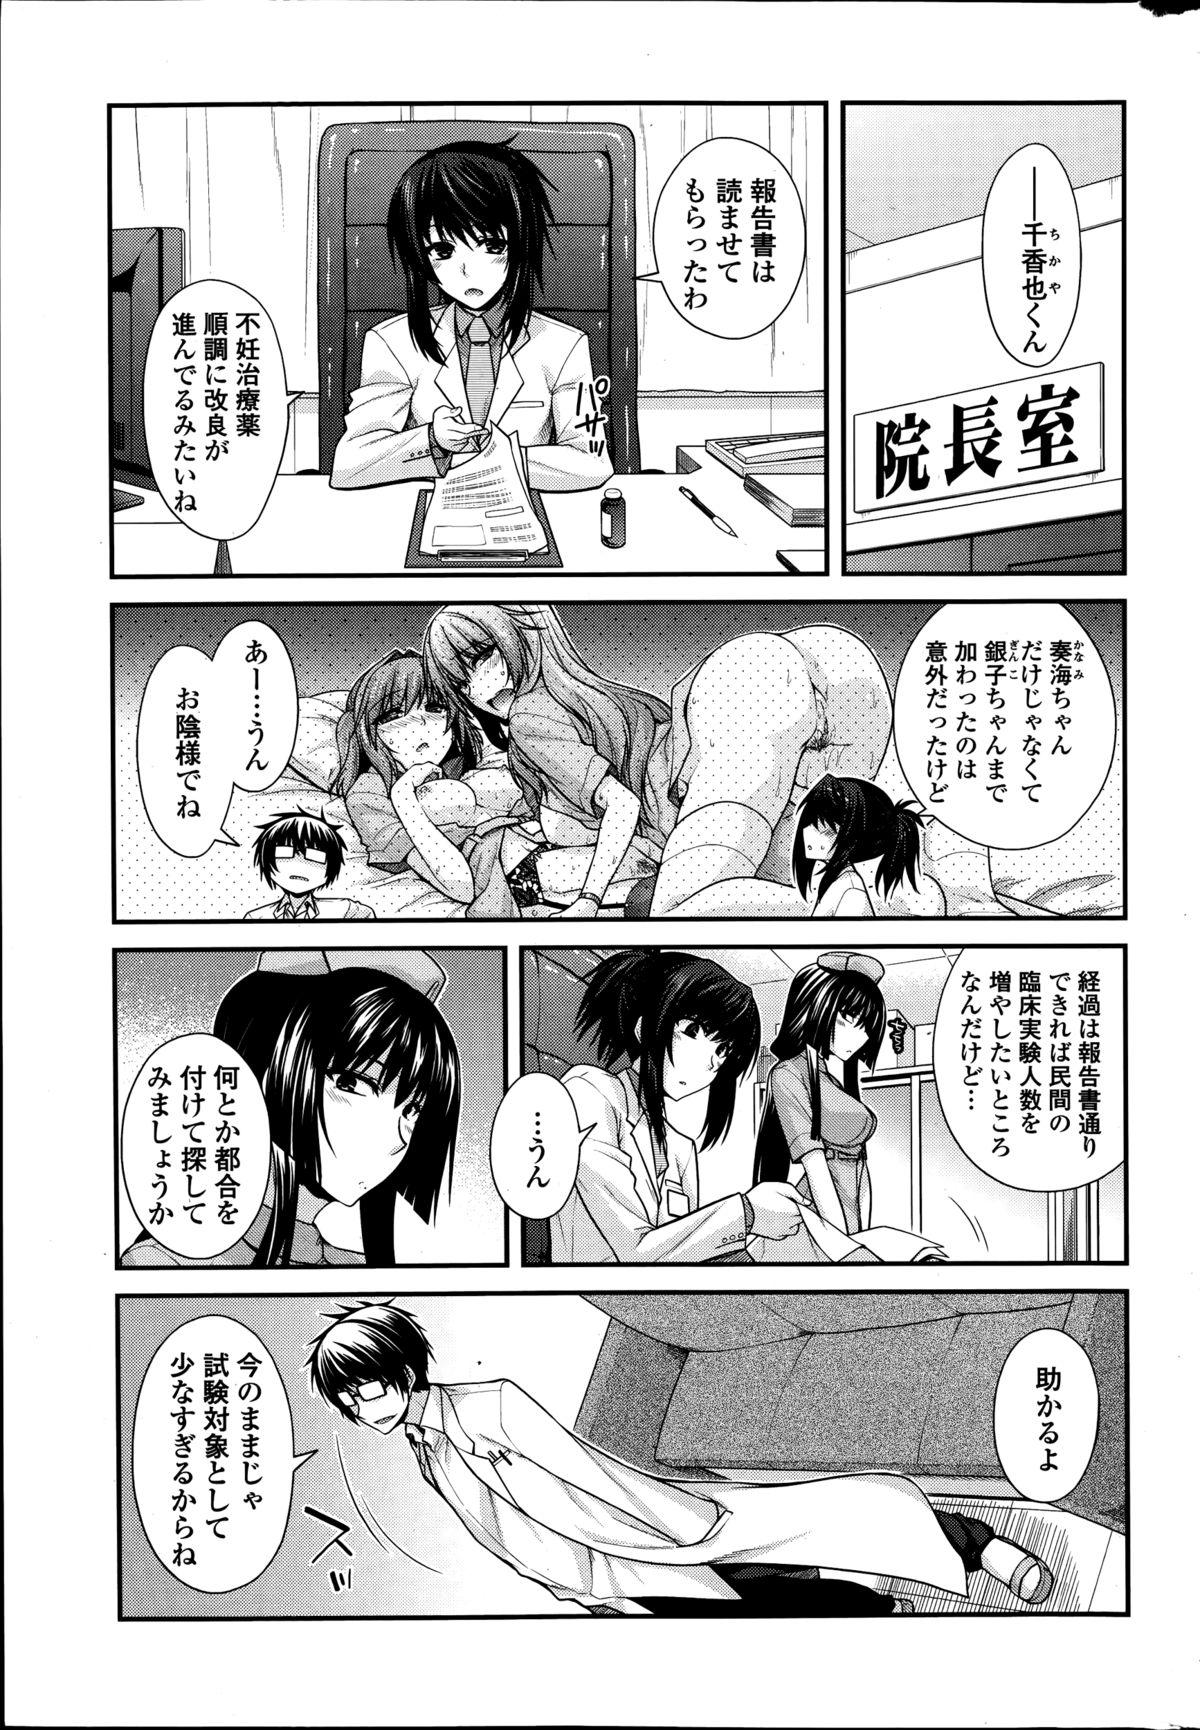 Yumemirukusuri Ch. 1-4 40